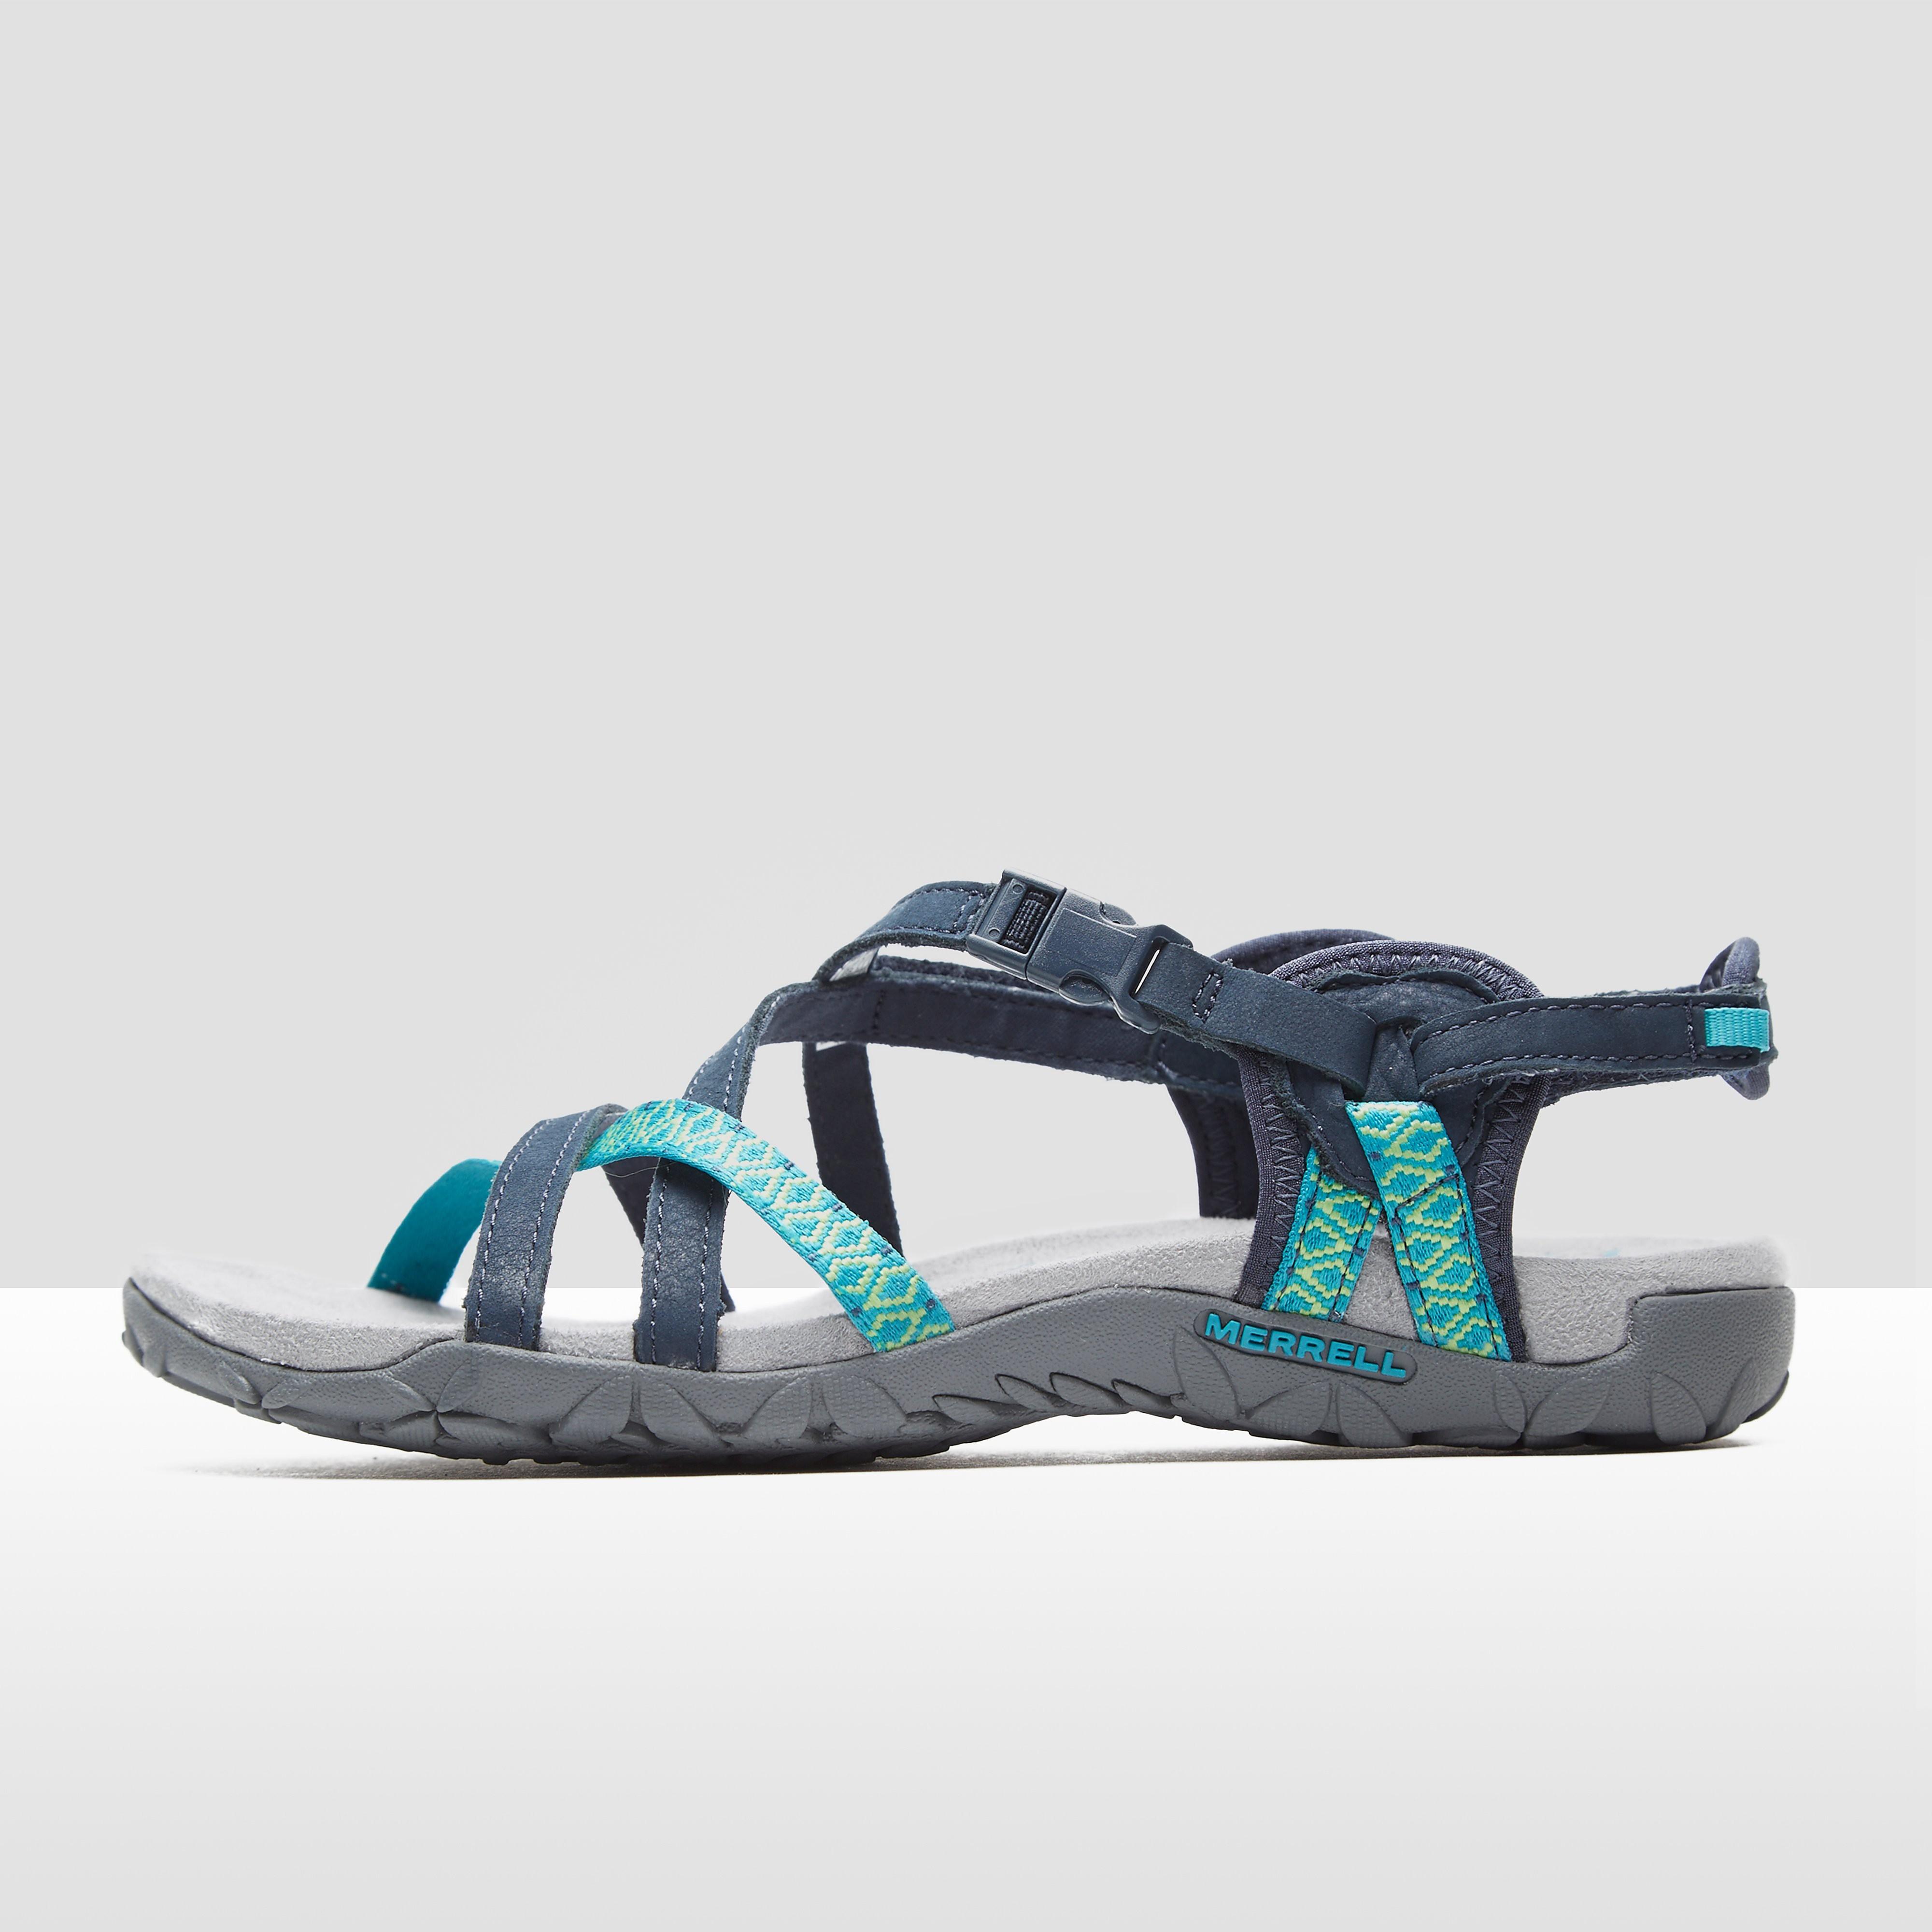 Merrell Terran Lattice Women's Sandals